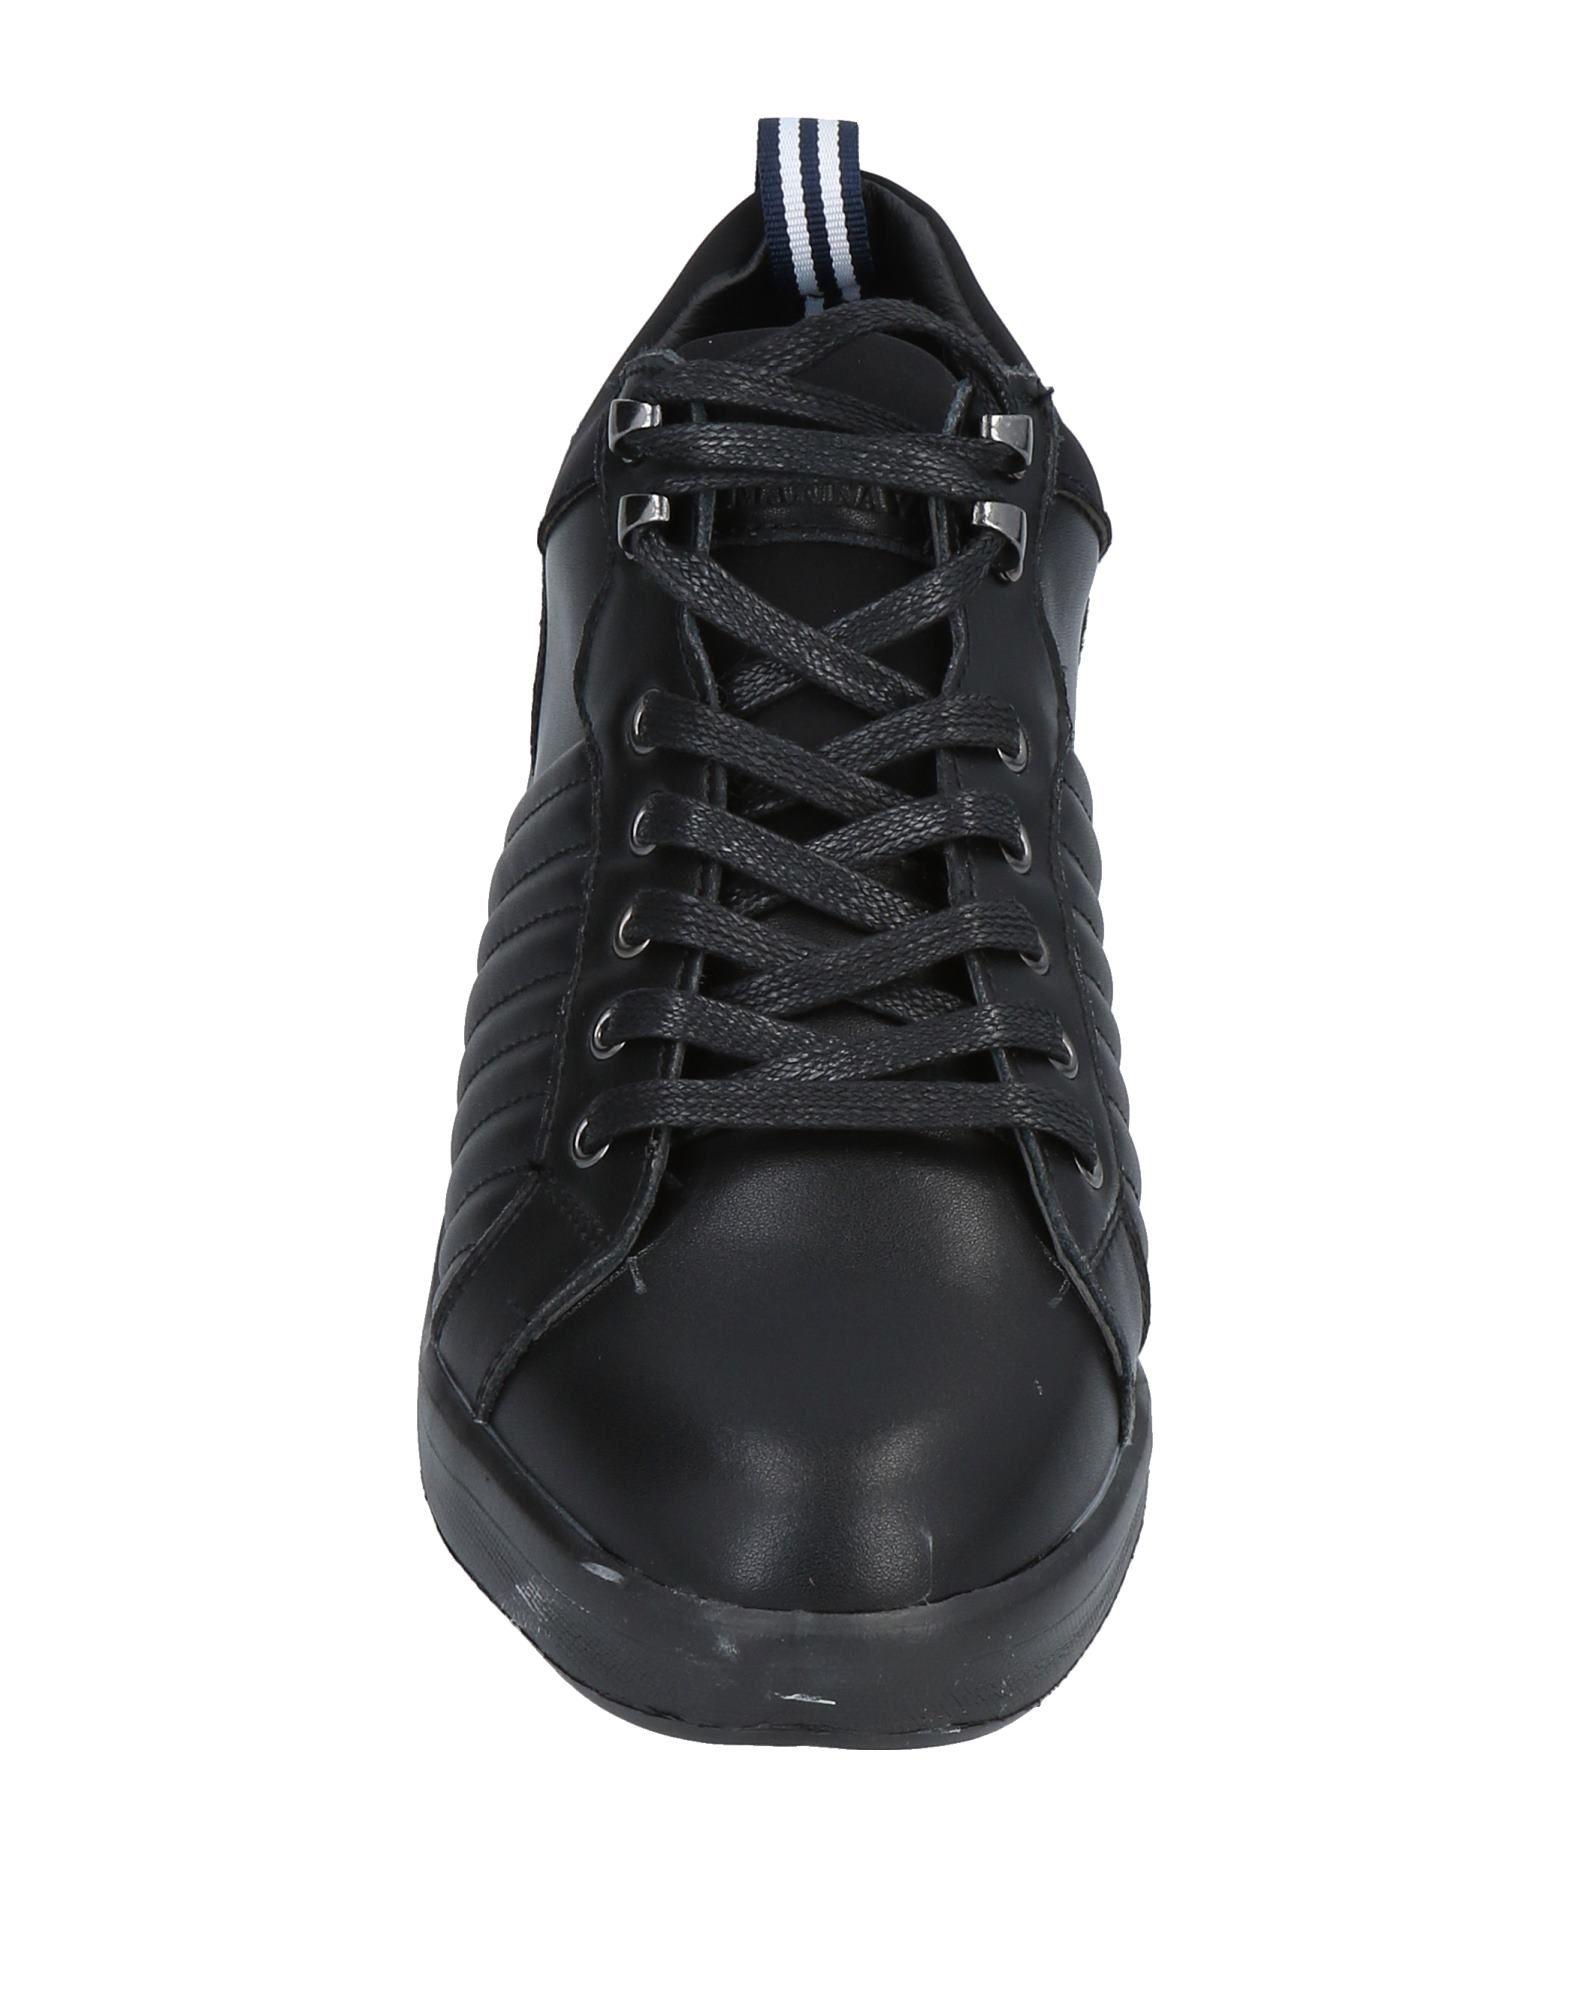 Marina Yachting Sneakers Herren   11483740QN 986be5